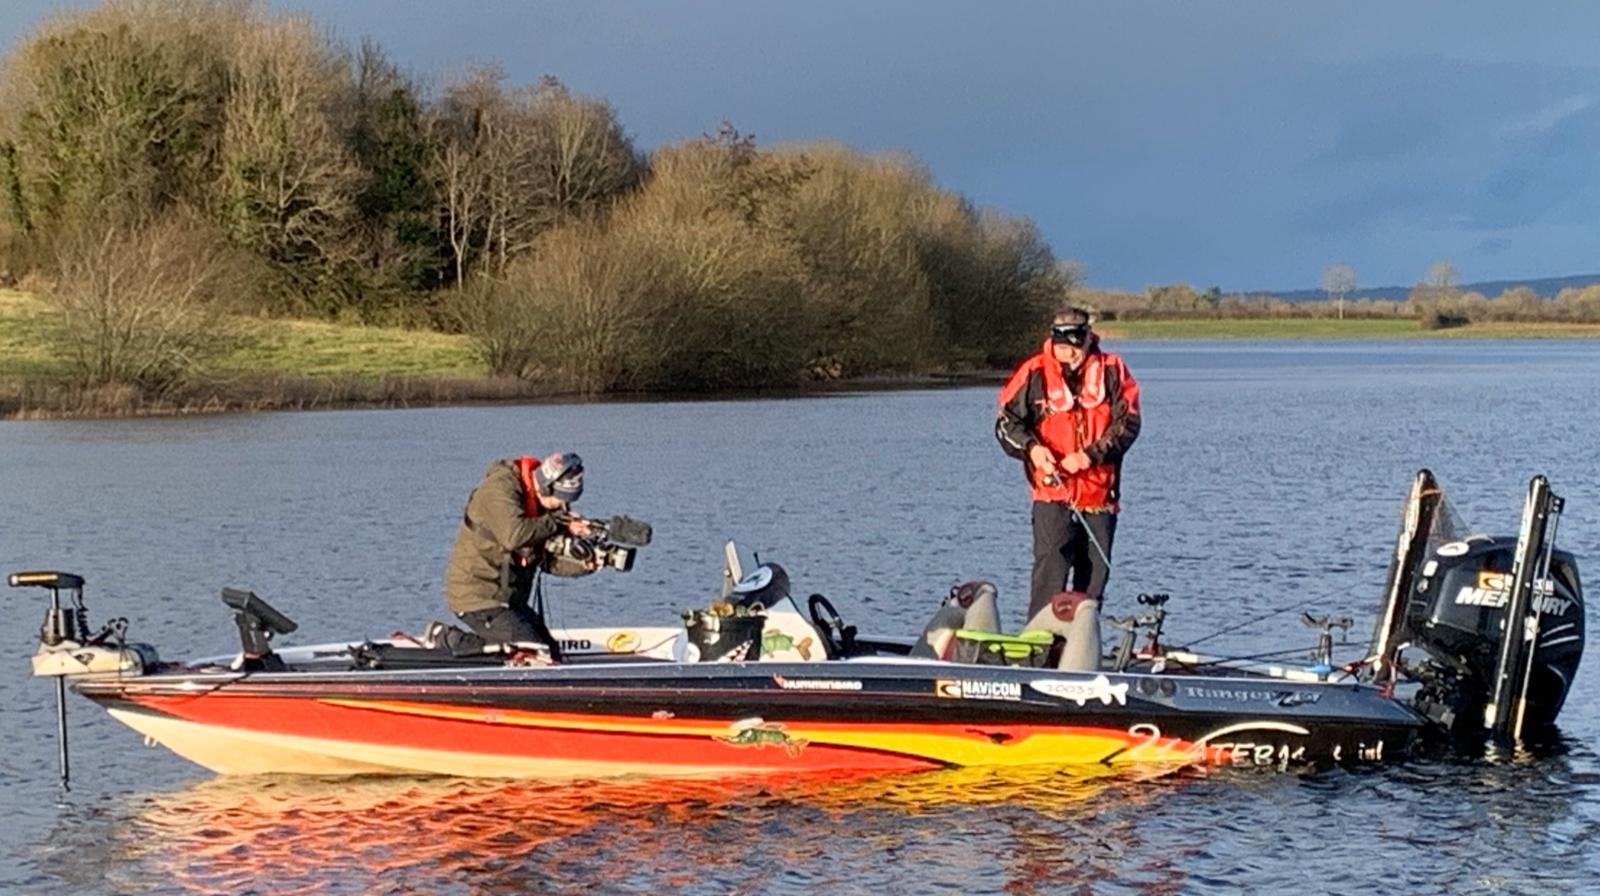 Pascal et son nouveau bass boat sur le Lough Erne